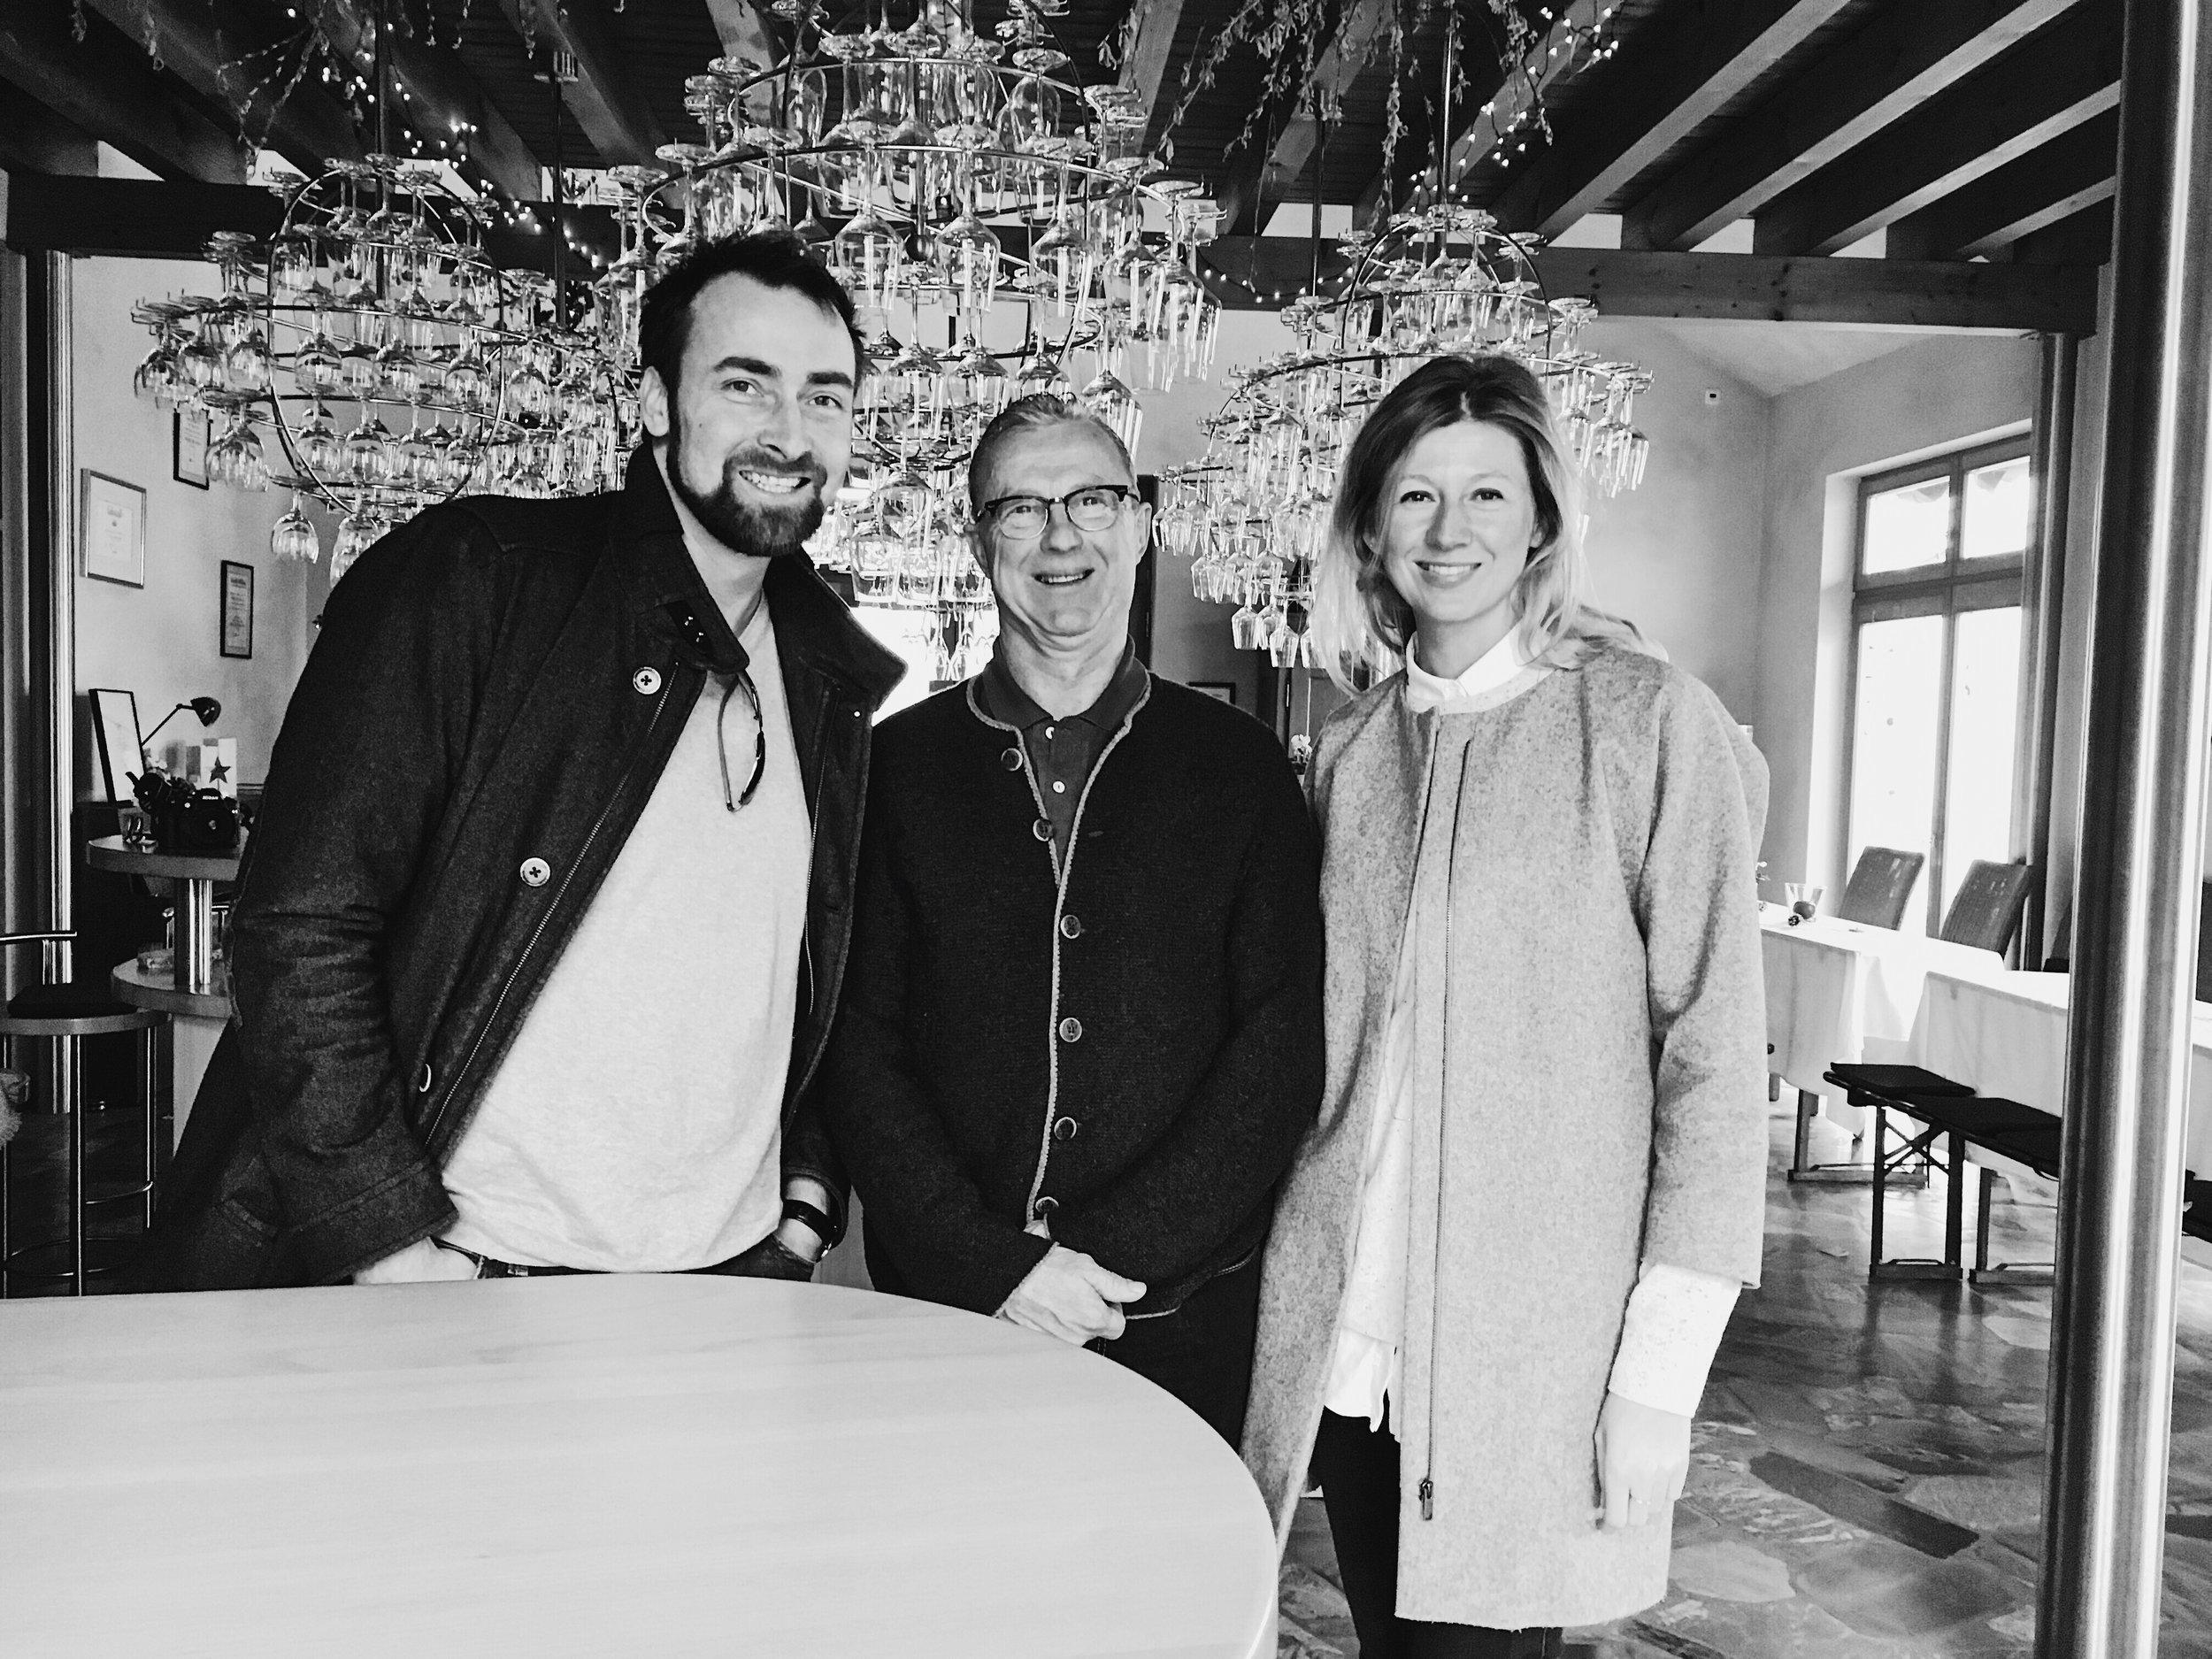 This photo with winemaker Peter Jakob Kühn was made in his tasting room in Oestrich-Winkel/Rheingau.